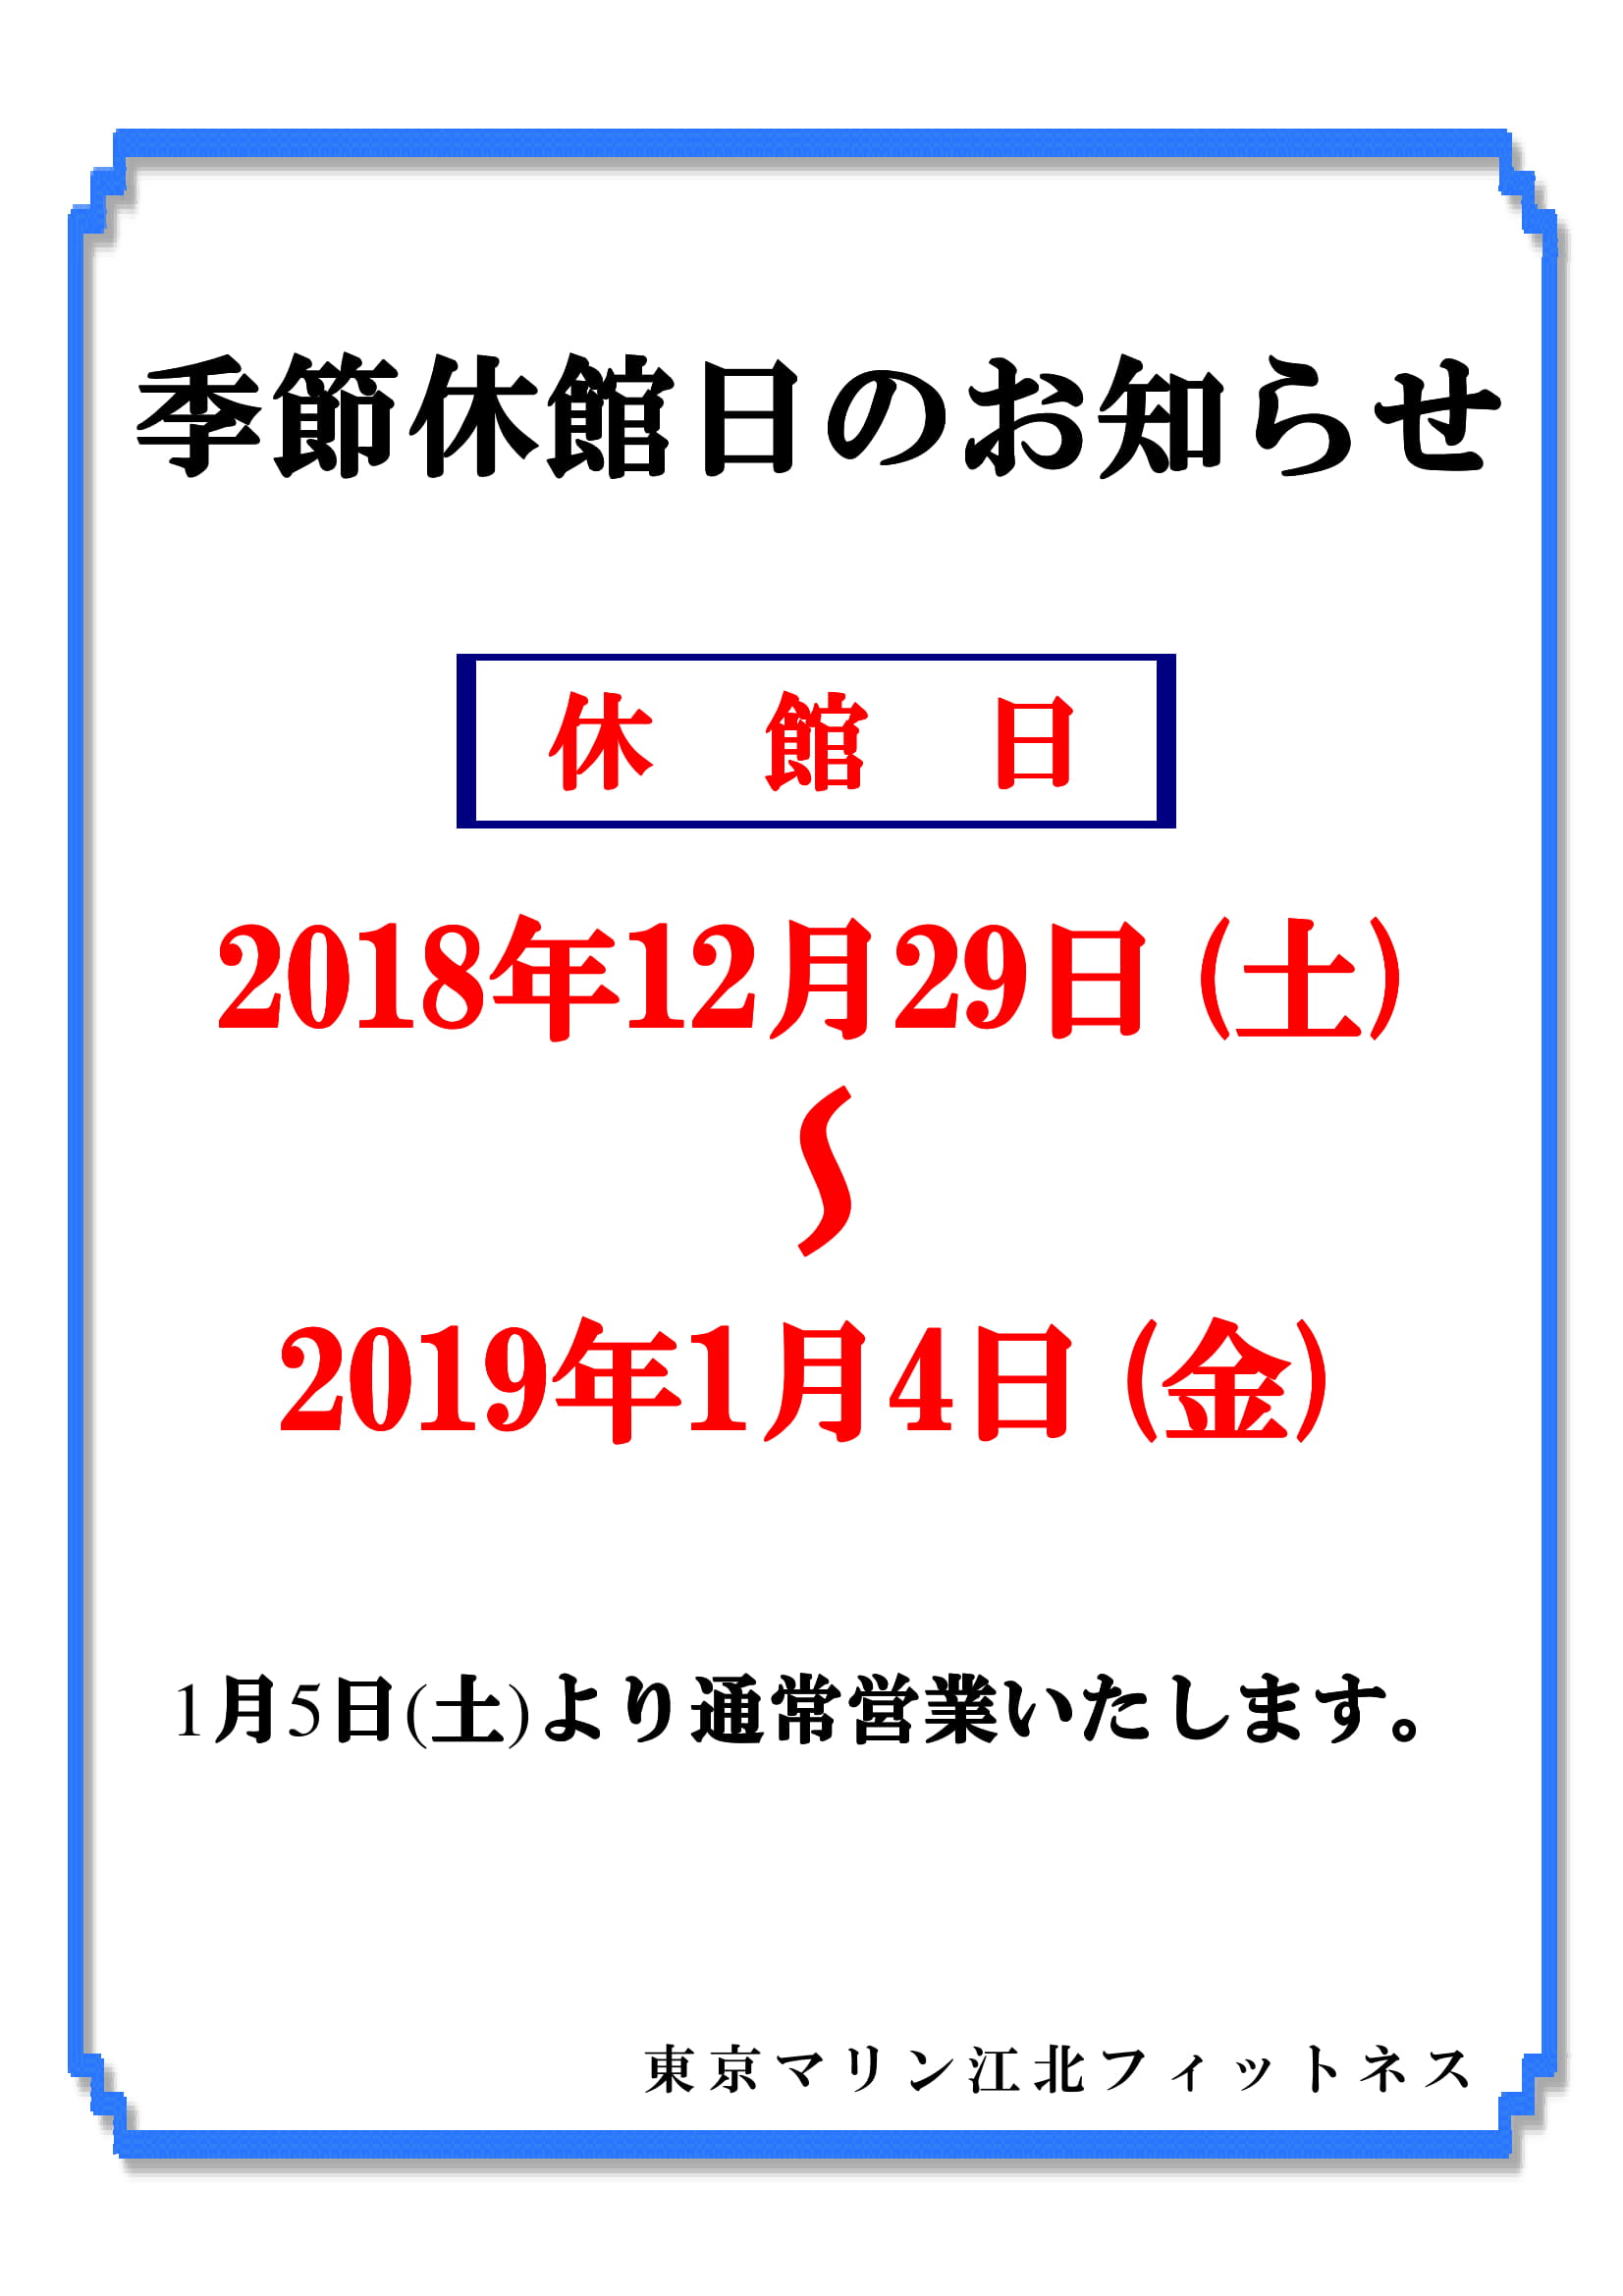 江北フィットネス 年末年始営業日のお知らせ